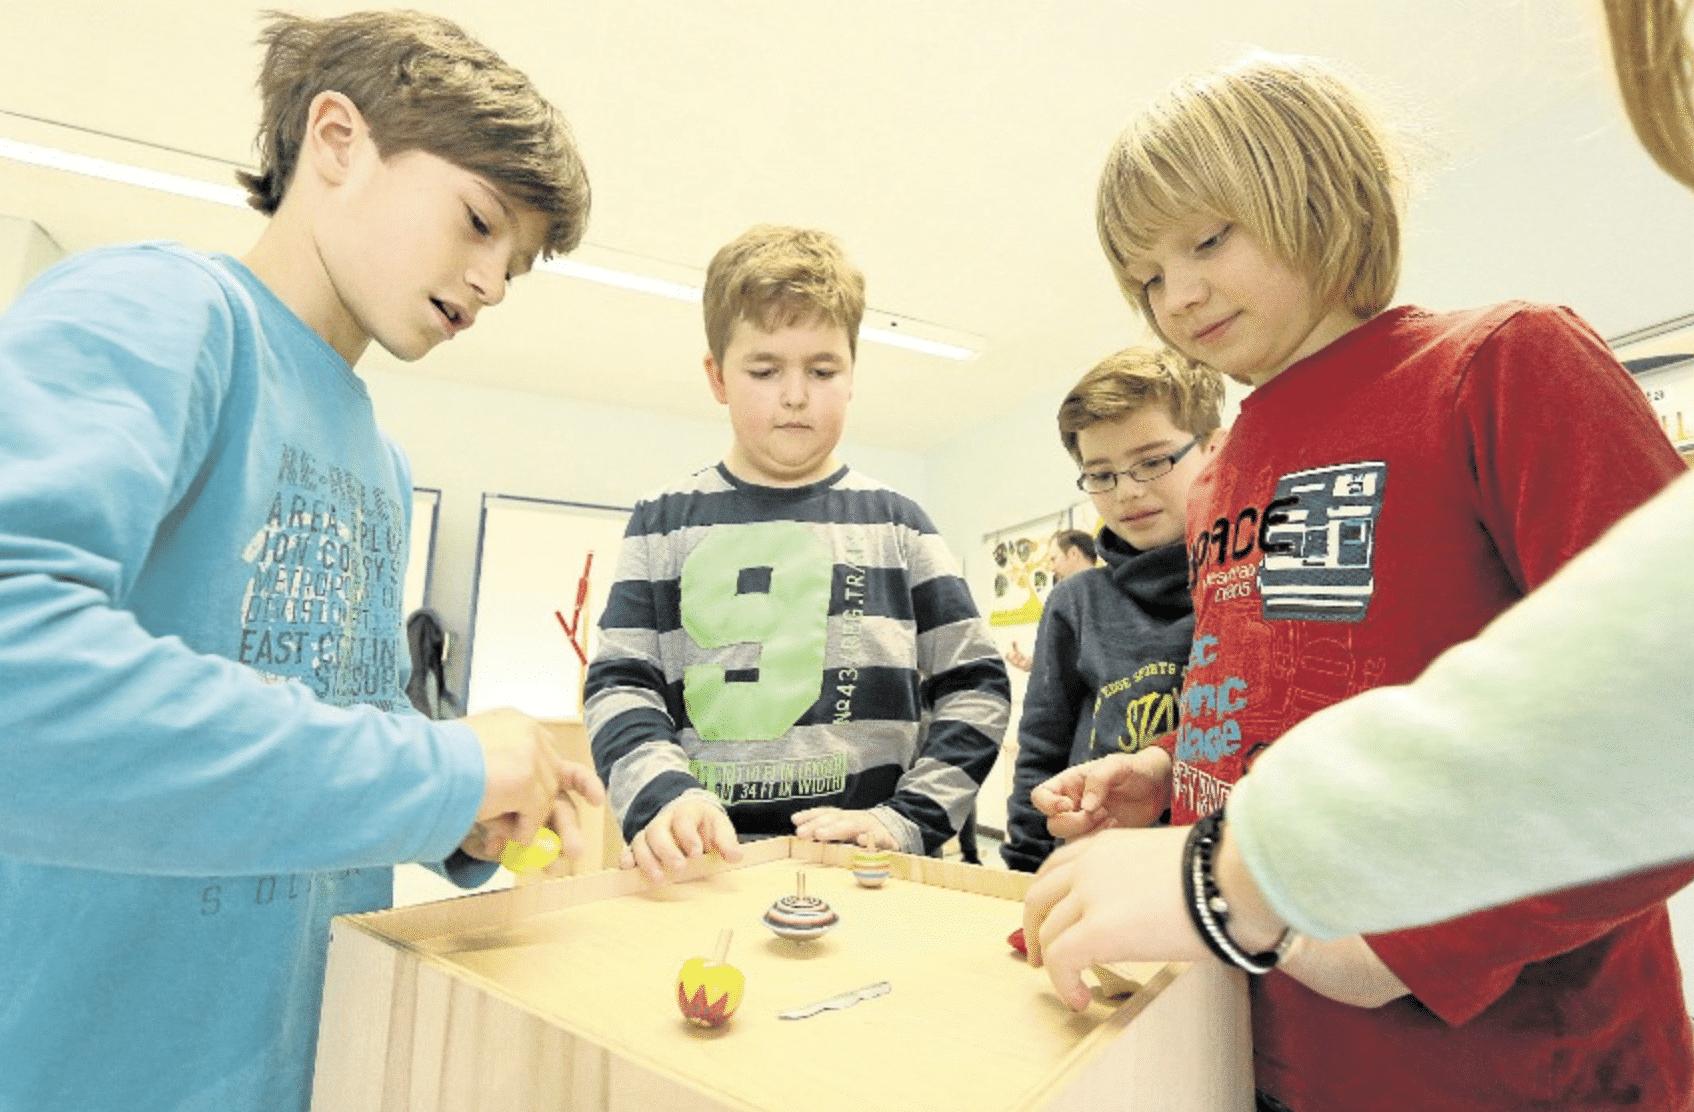 Kreiseln, drehen und experimentieren